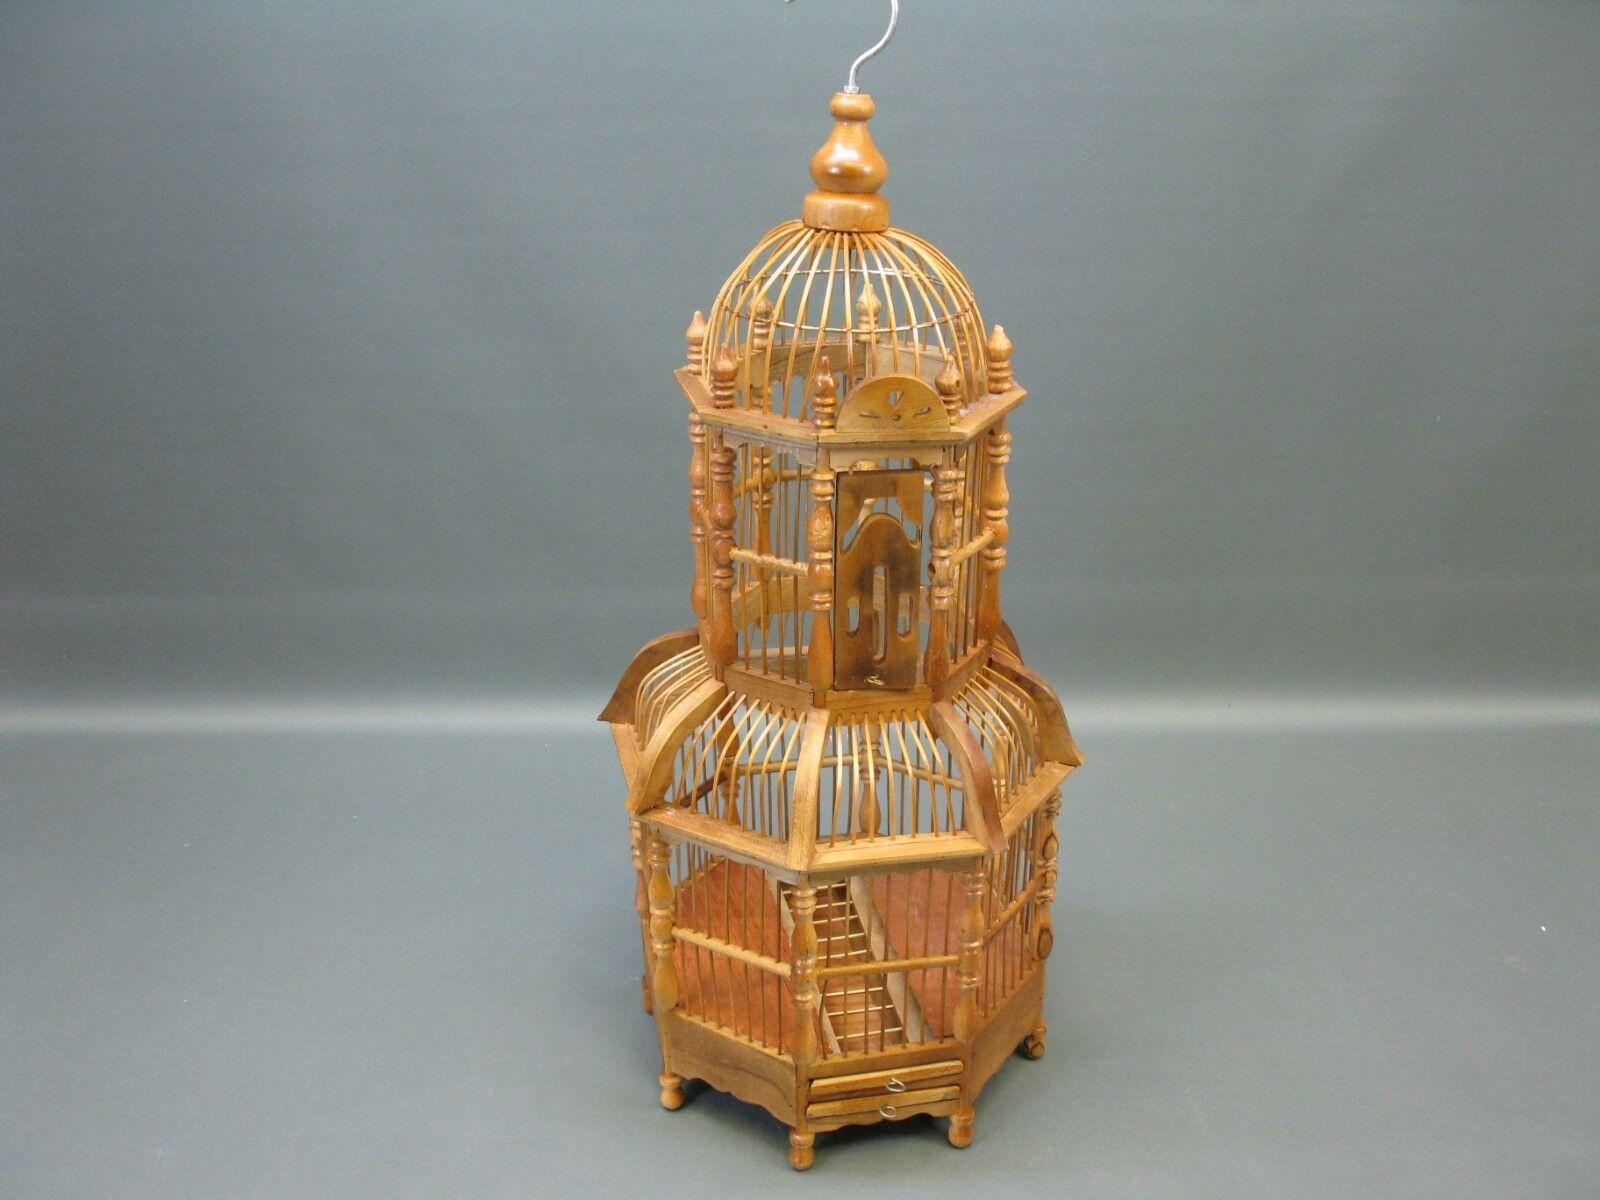 Bois Bambou Asiatique Cage à Oiseaux Volière Artisanat Maison D'Oiseau 60 Cm